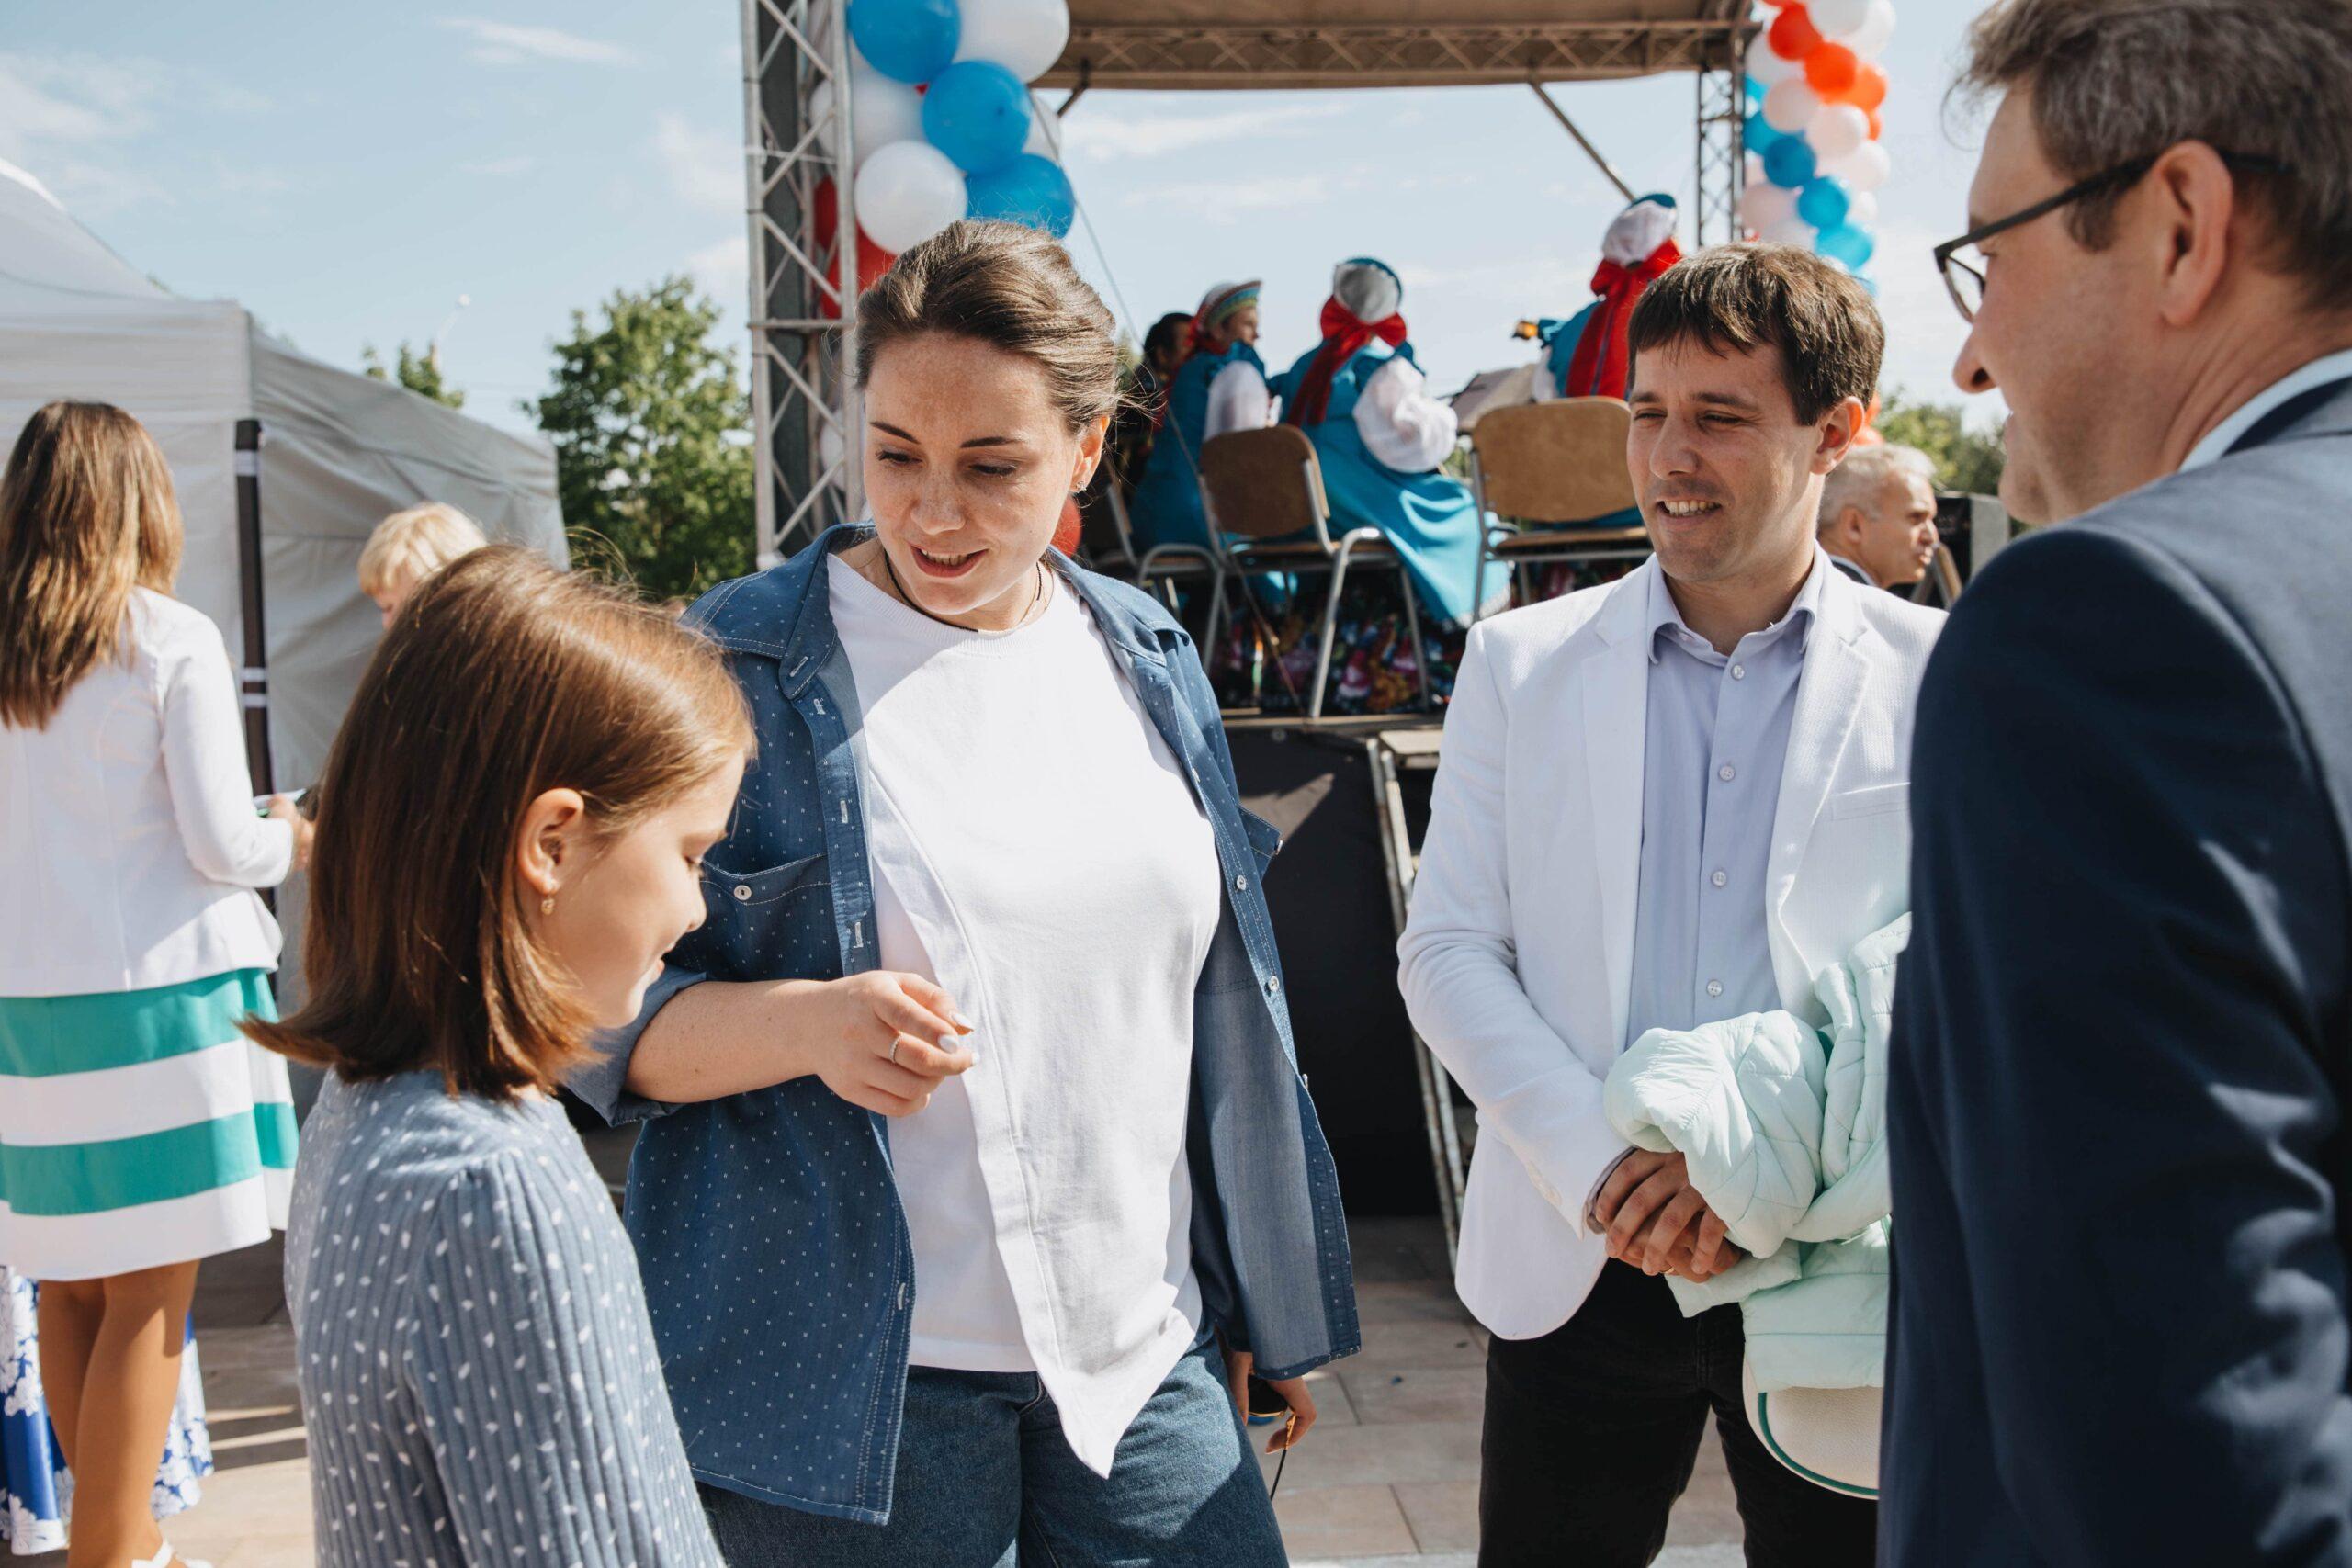 Богатый урожай и праздник муниципалитета: Юлия Саранова побывала в Удомле